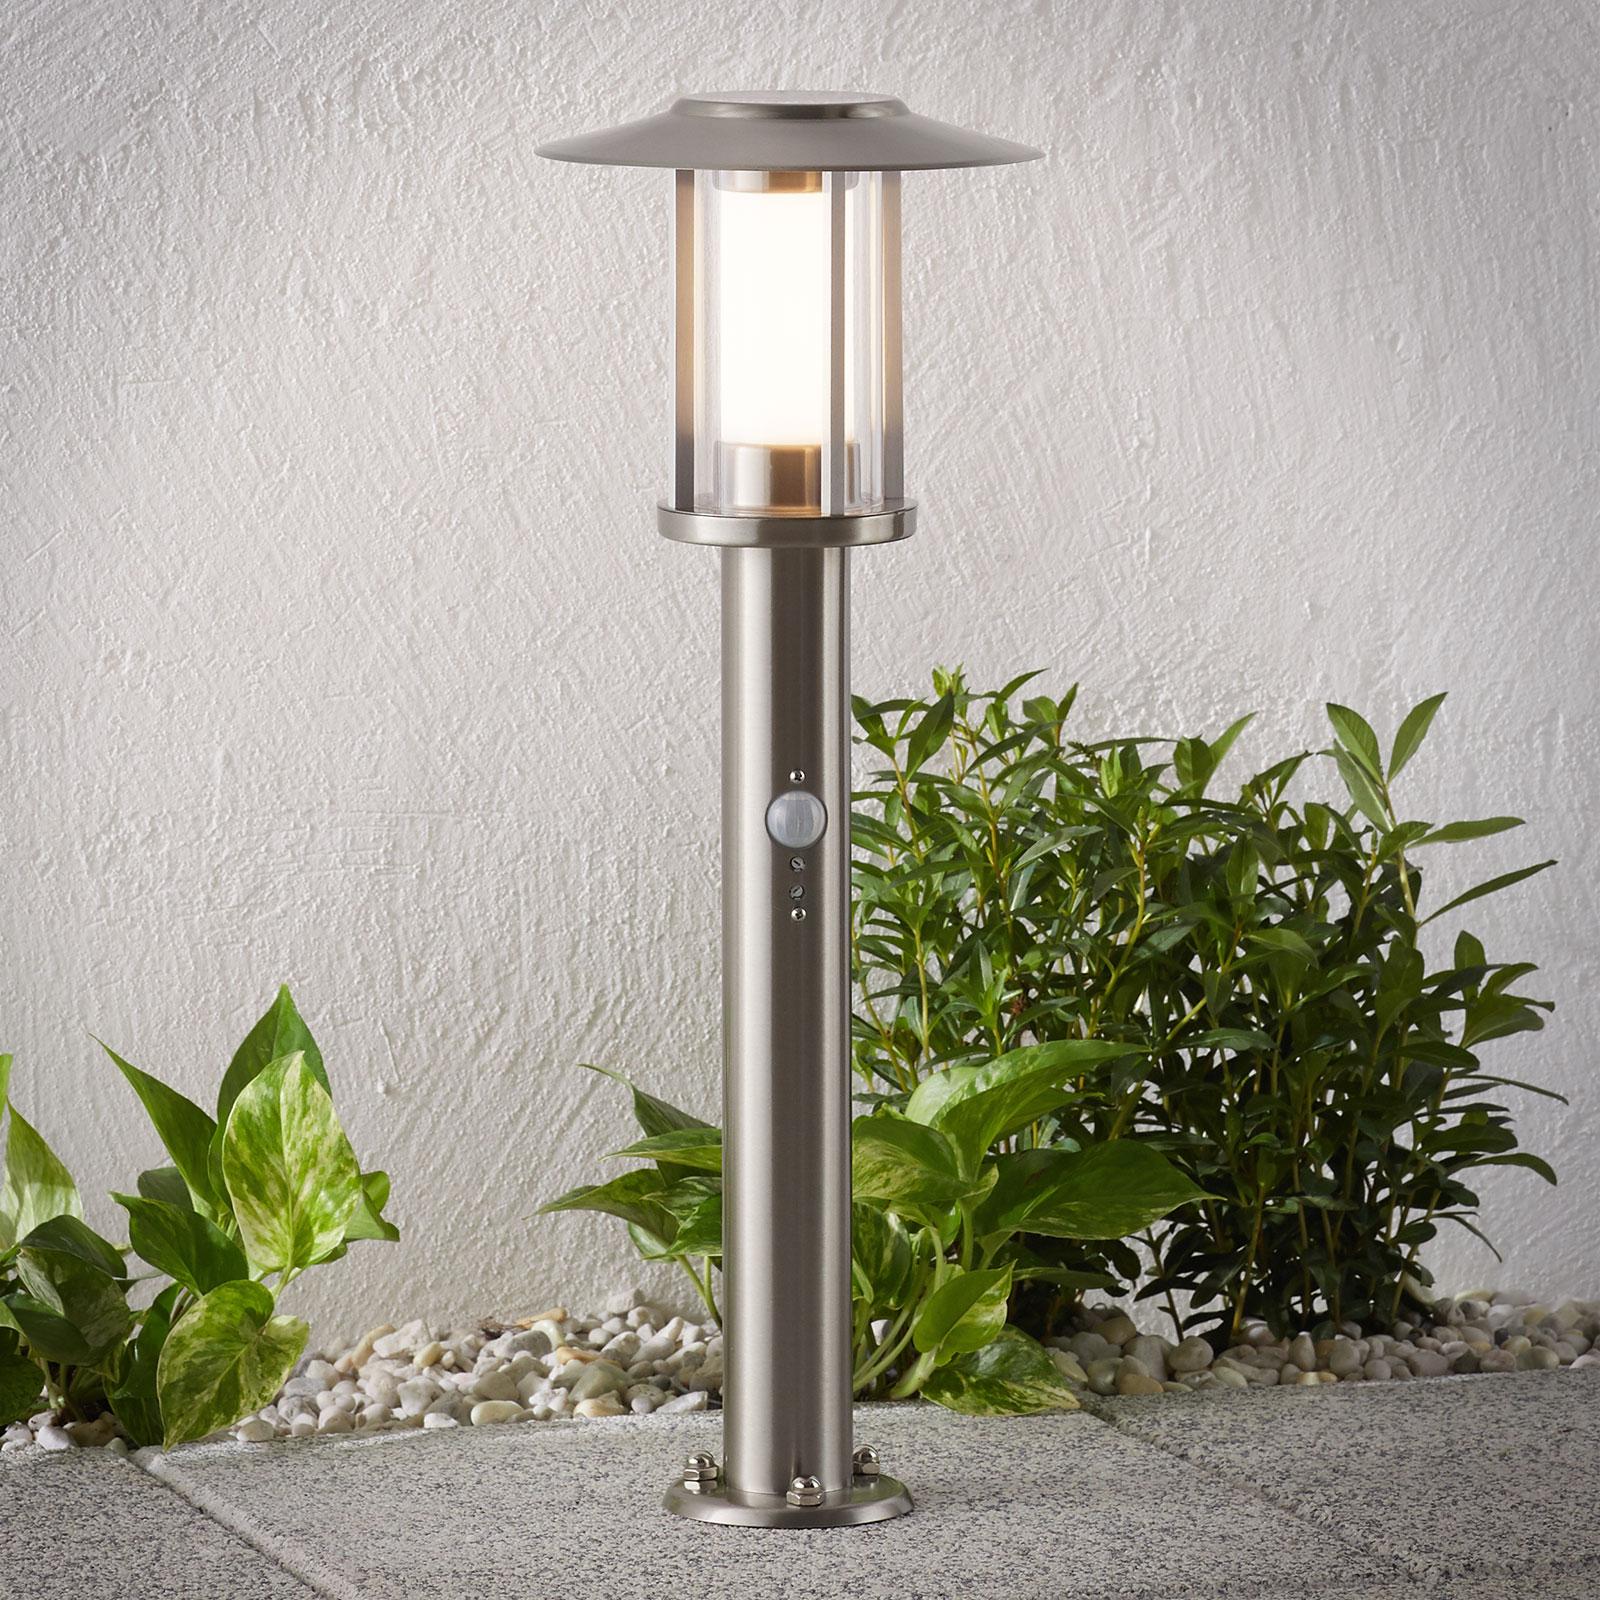 Lampa cokołowa LED Gregory stal nierdzewna czujnik